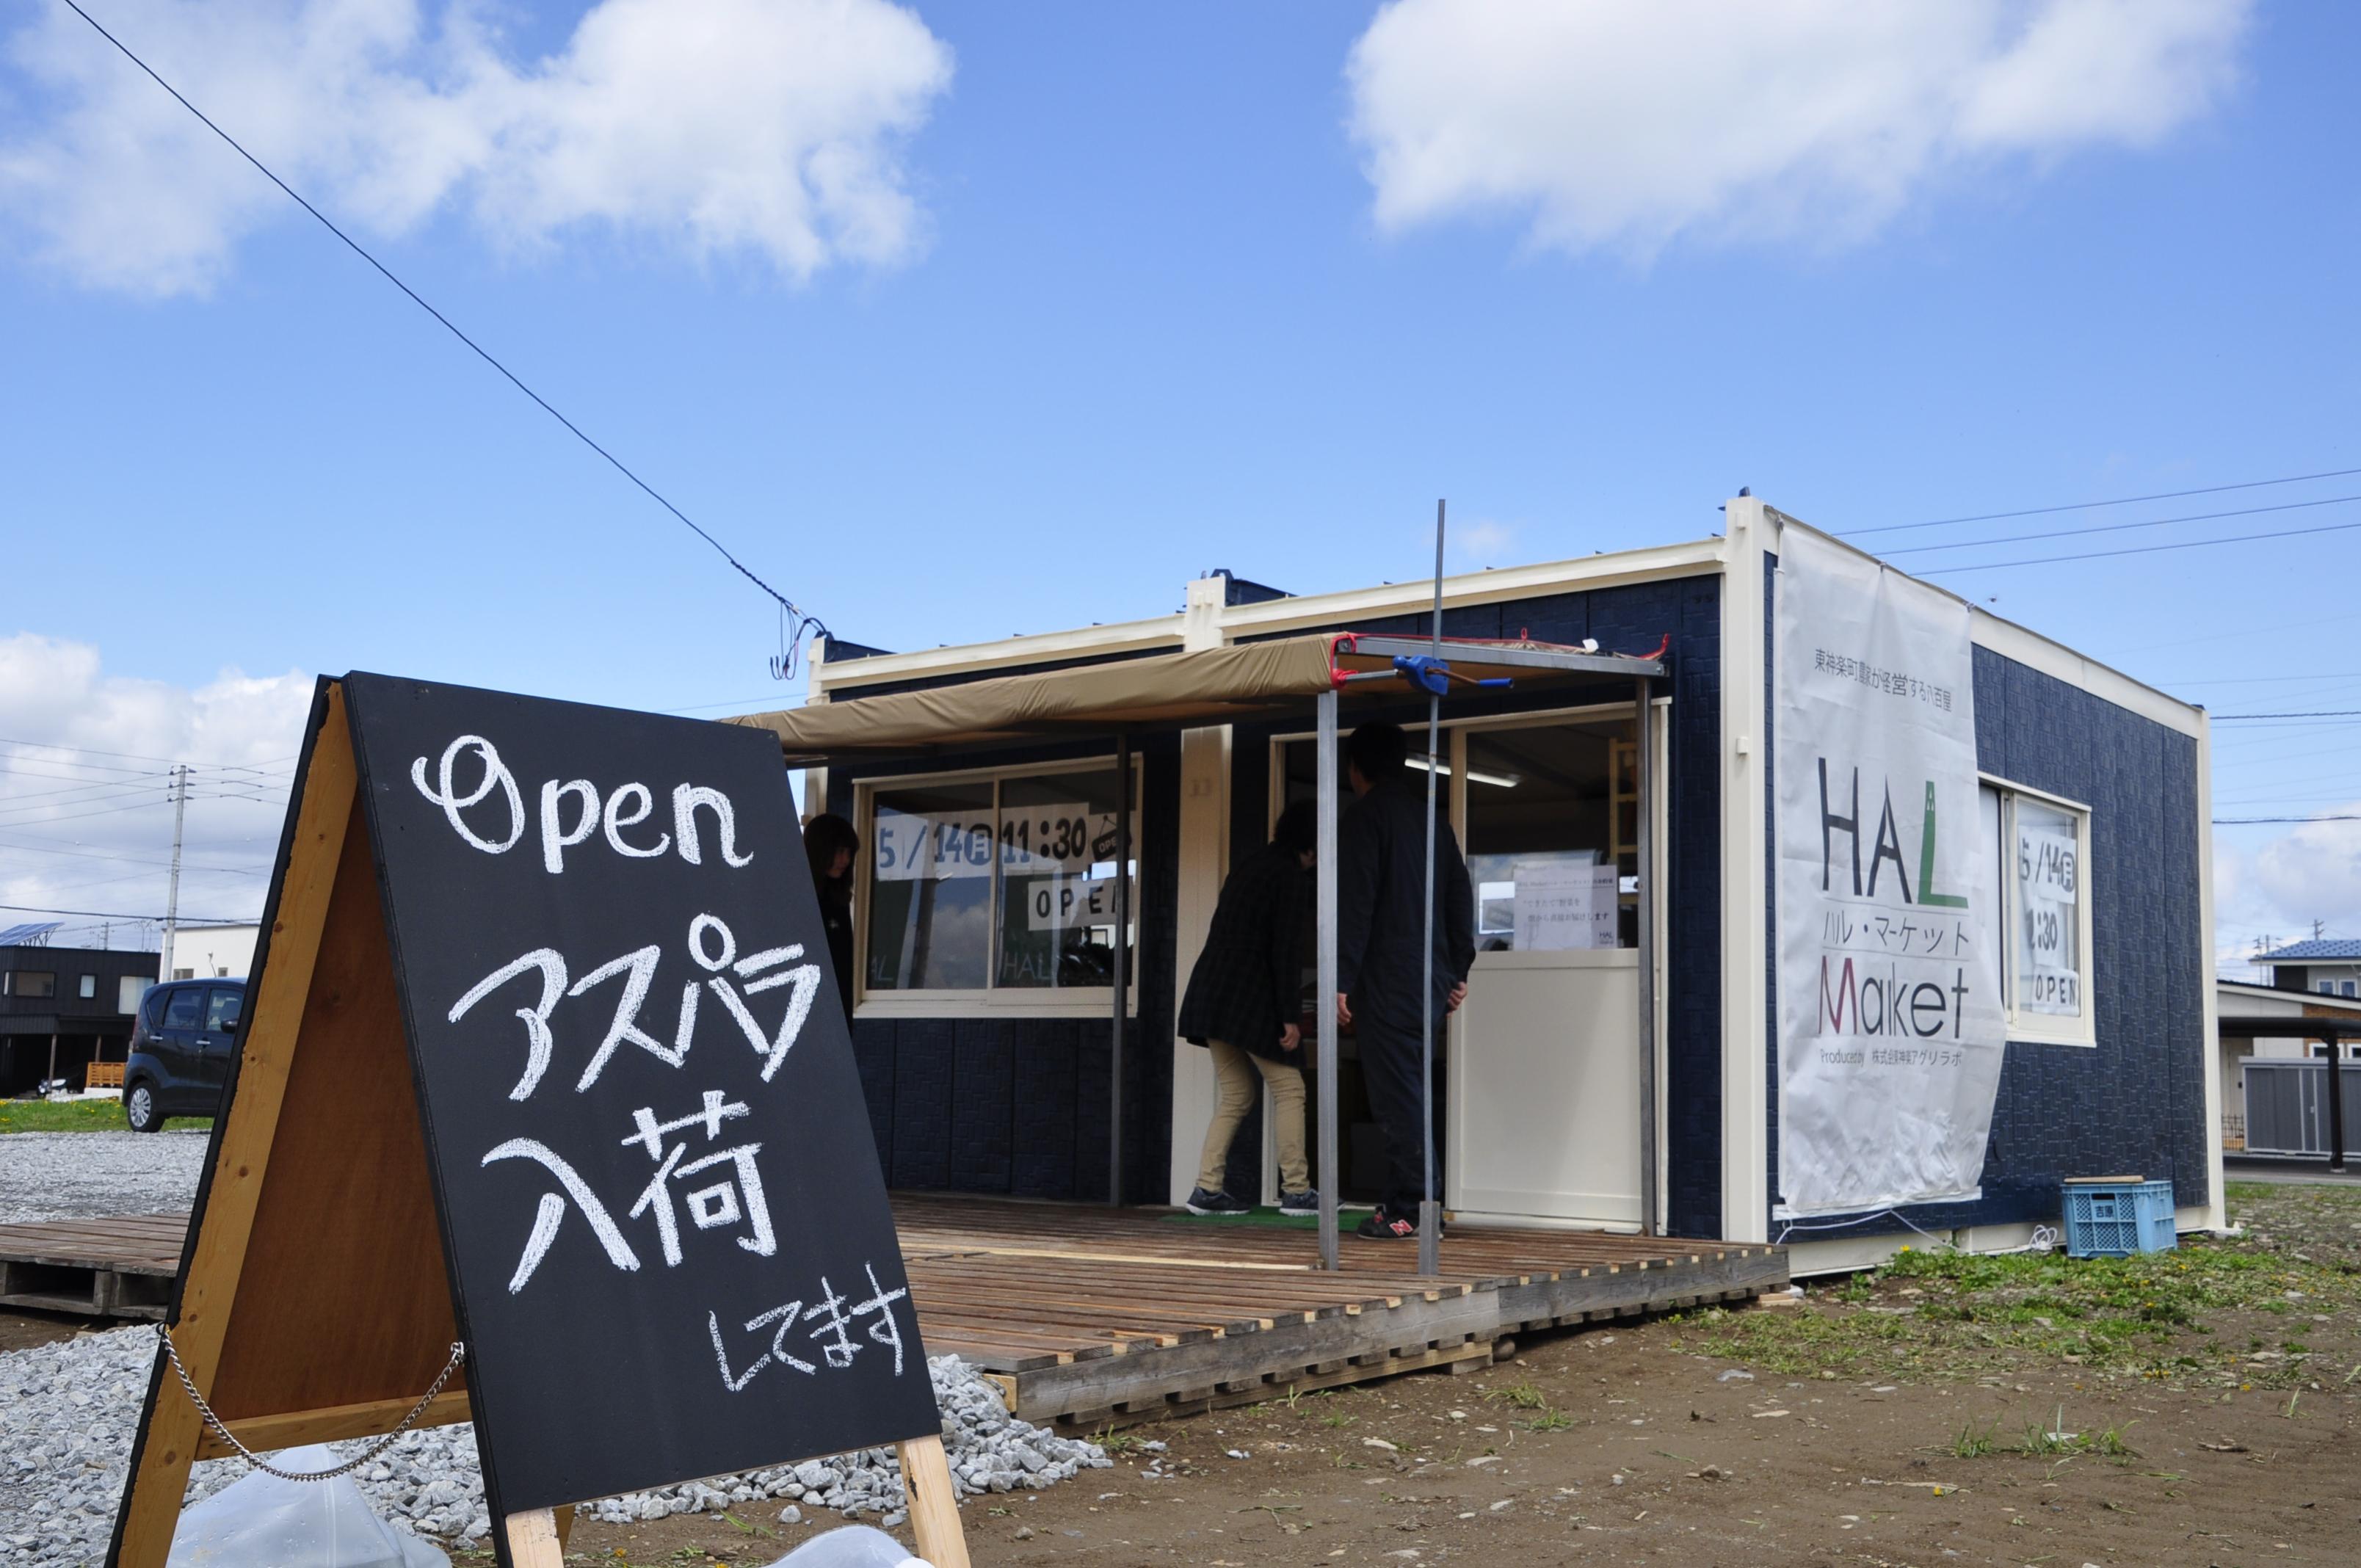 HAL Market(ハル・マーケット)